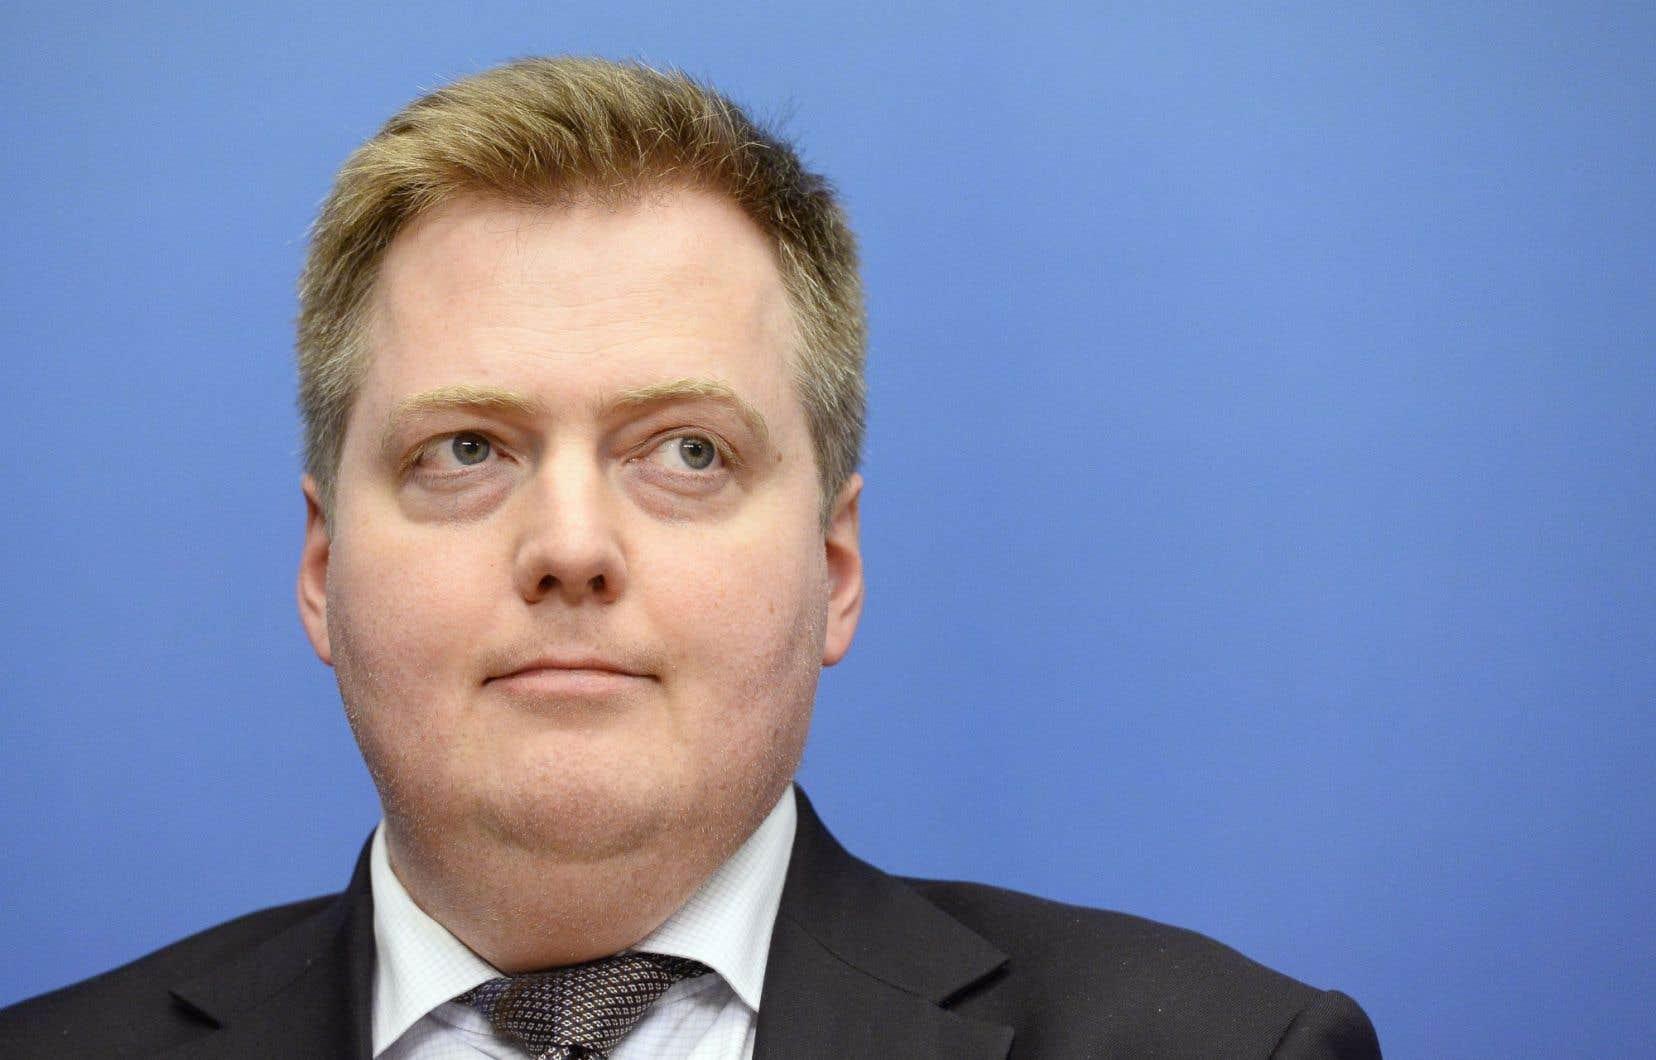 Premier haut dirigeant emporté par le scandale des Panama Papers, le premier ministre islandais Sigmundur David Gunnlaugsson a démissionné mardi.